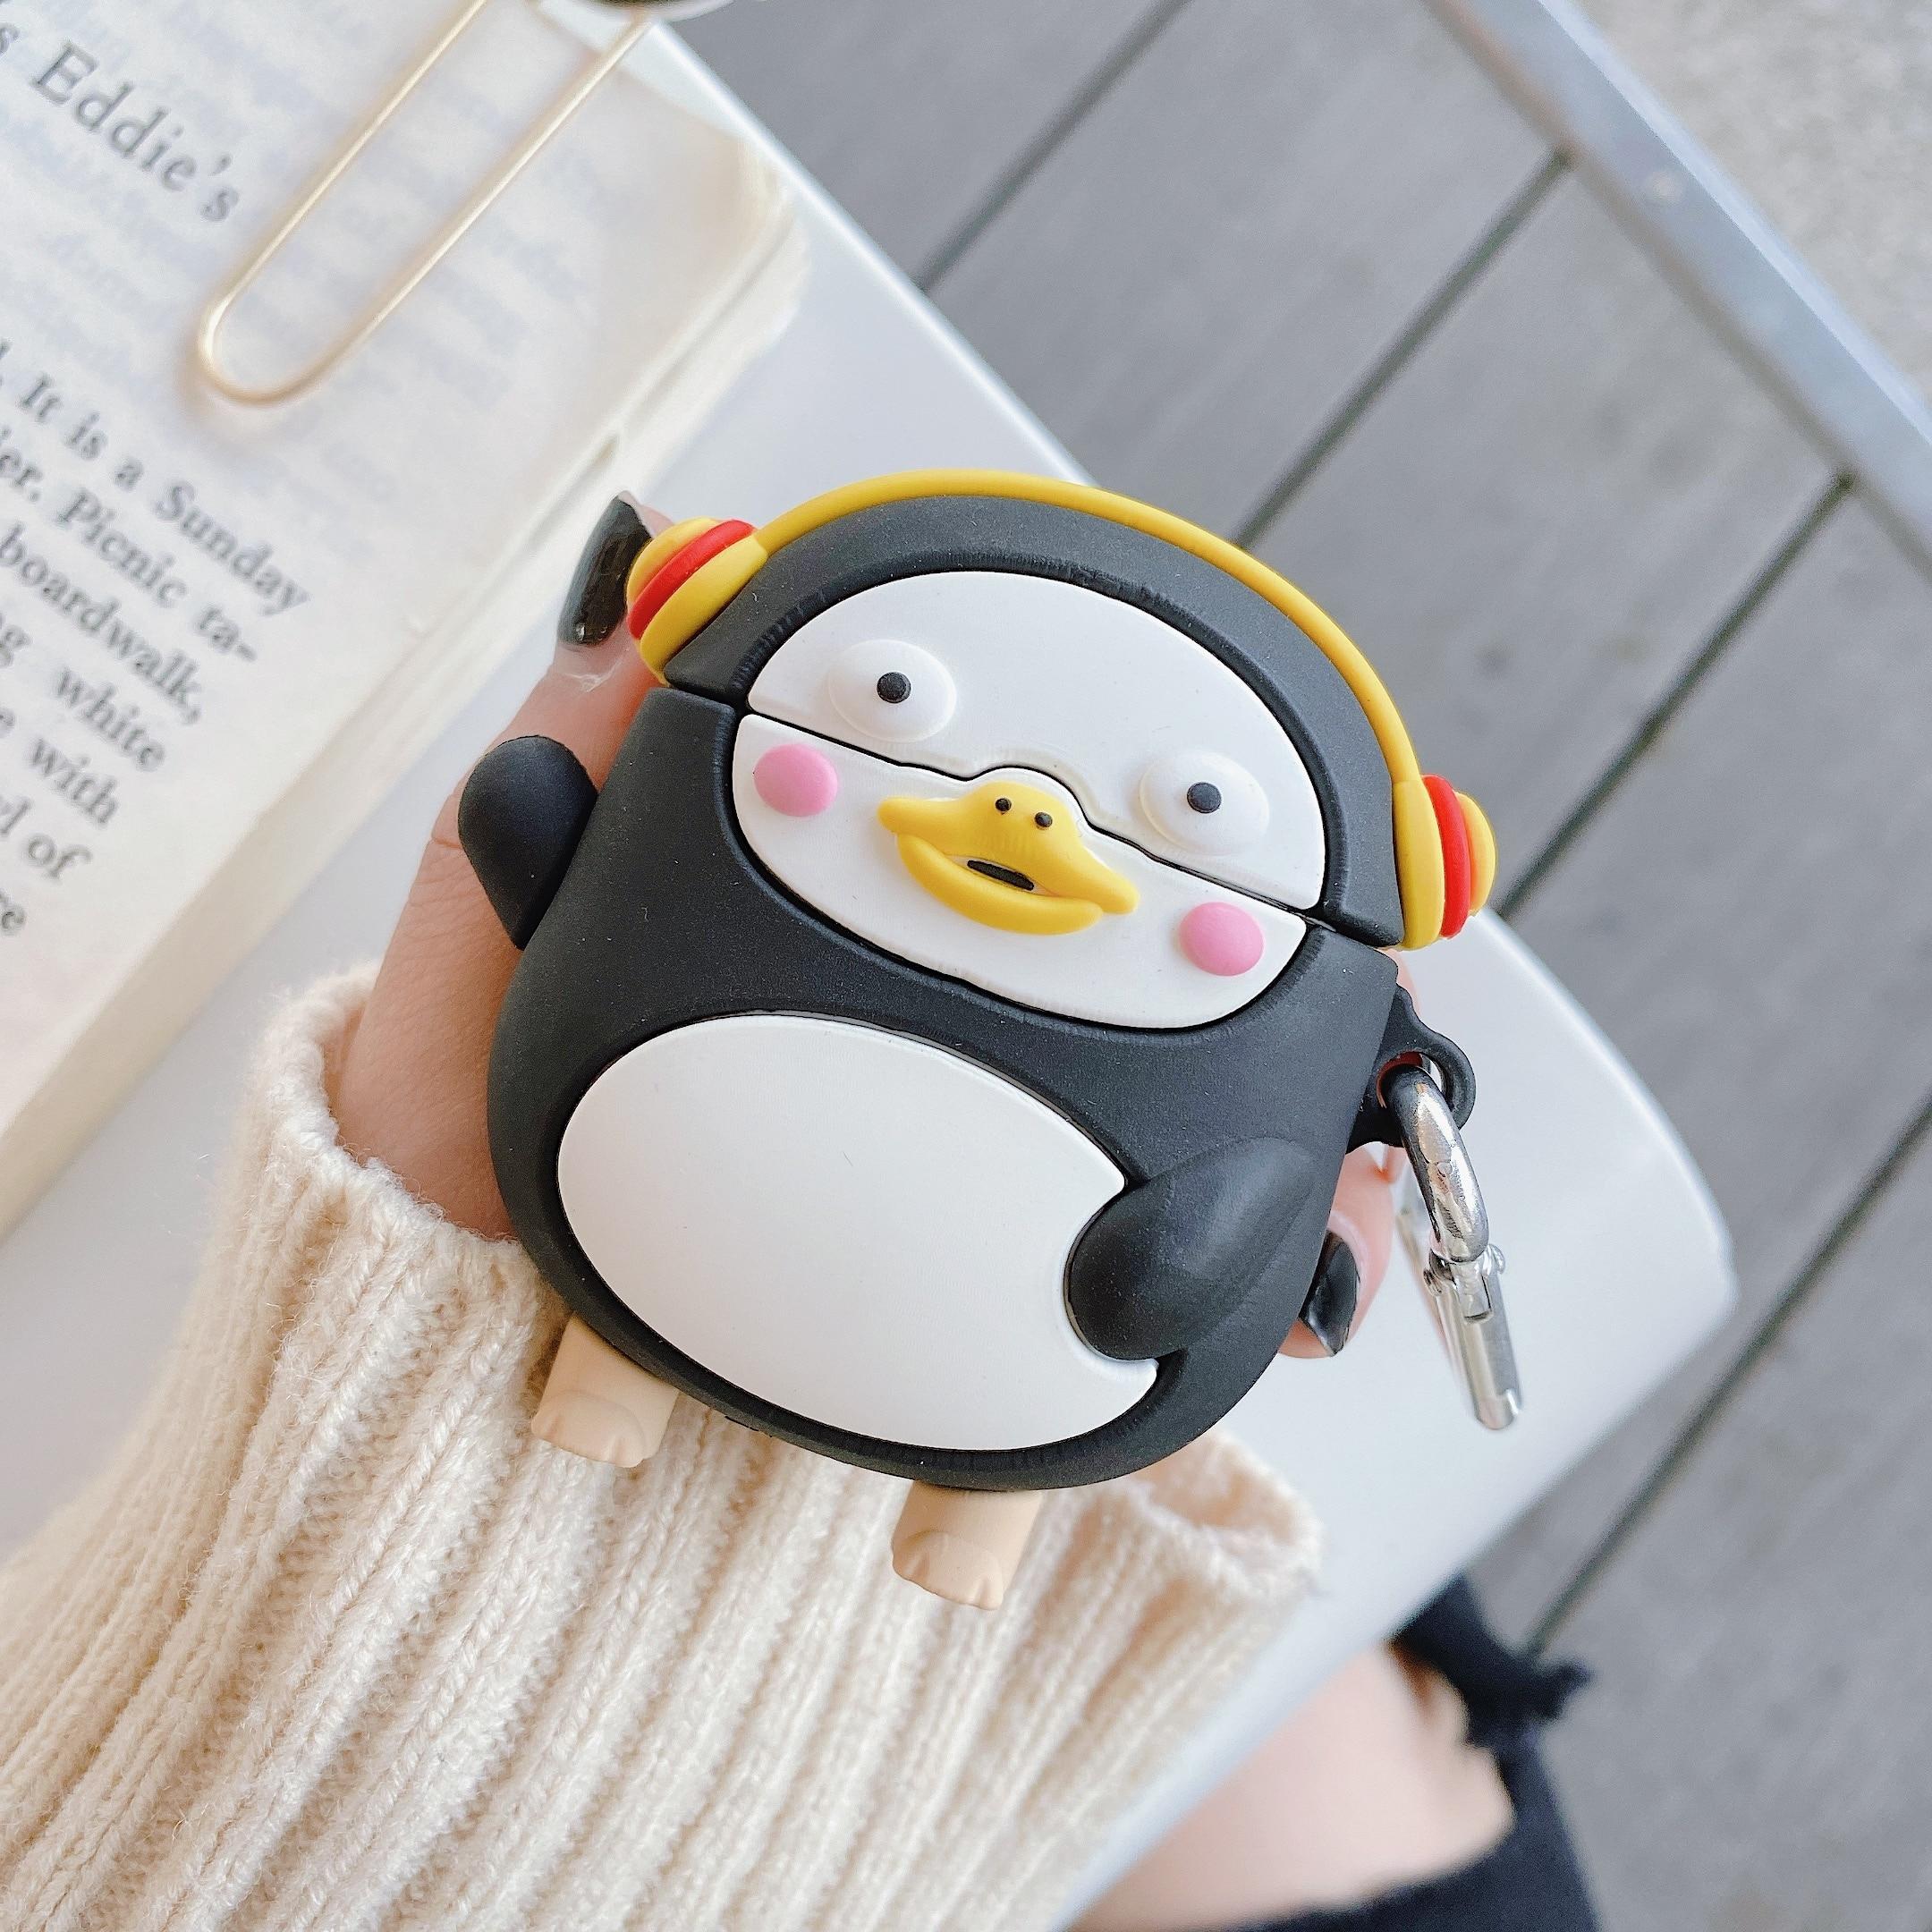 Para Apple AirPods Pro Cartoon Cute Dynamic Penguin funda de auriculares para AirPods 1 2 3 auriculares inalámbricos Bluetooth con gancho